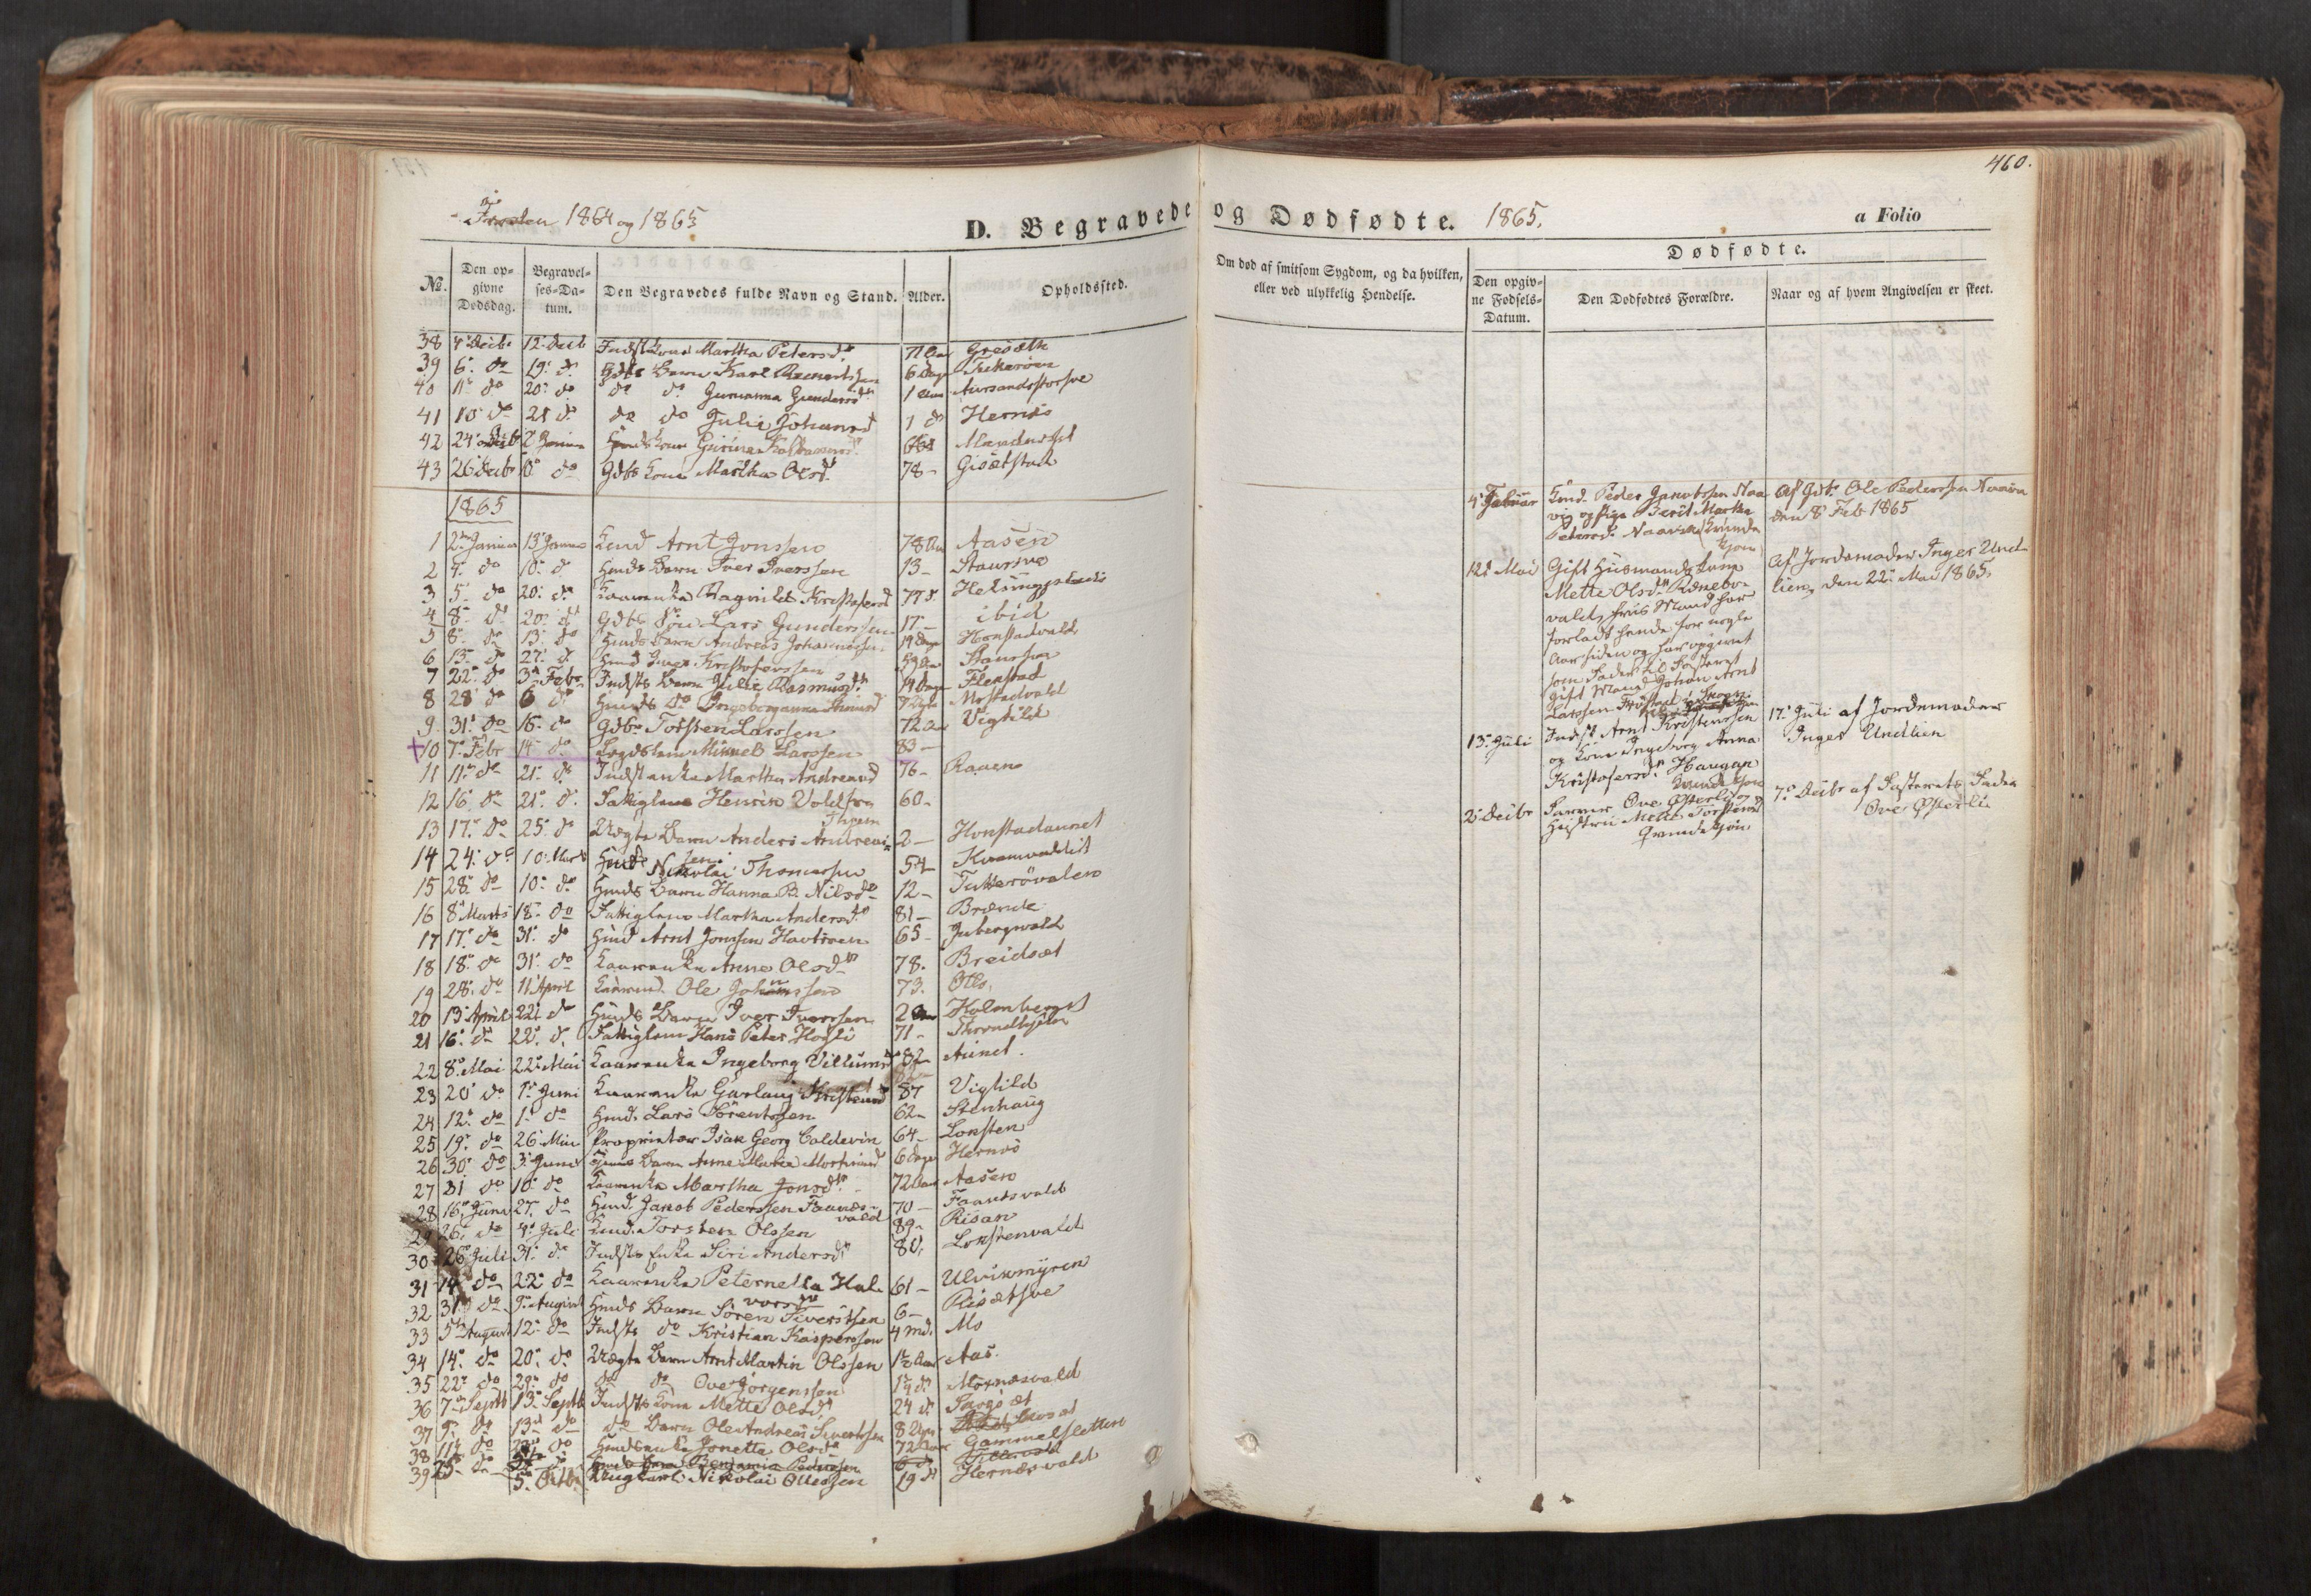 SAT, Ministerialprotokoller, klokkerbøker og fødselsregistre - Nord-Trøndelag, 713/L0116: Ministerialbok nr. 713A07, 1850-1877, s. 460